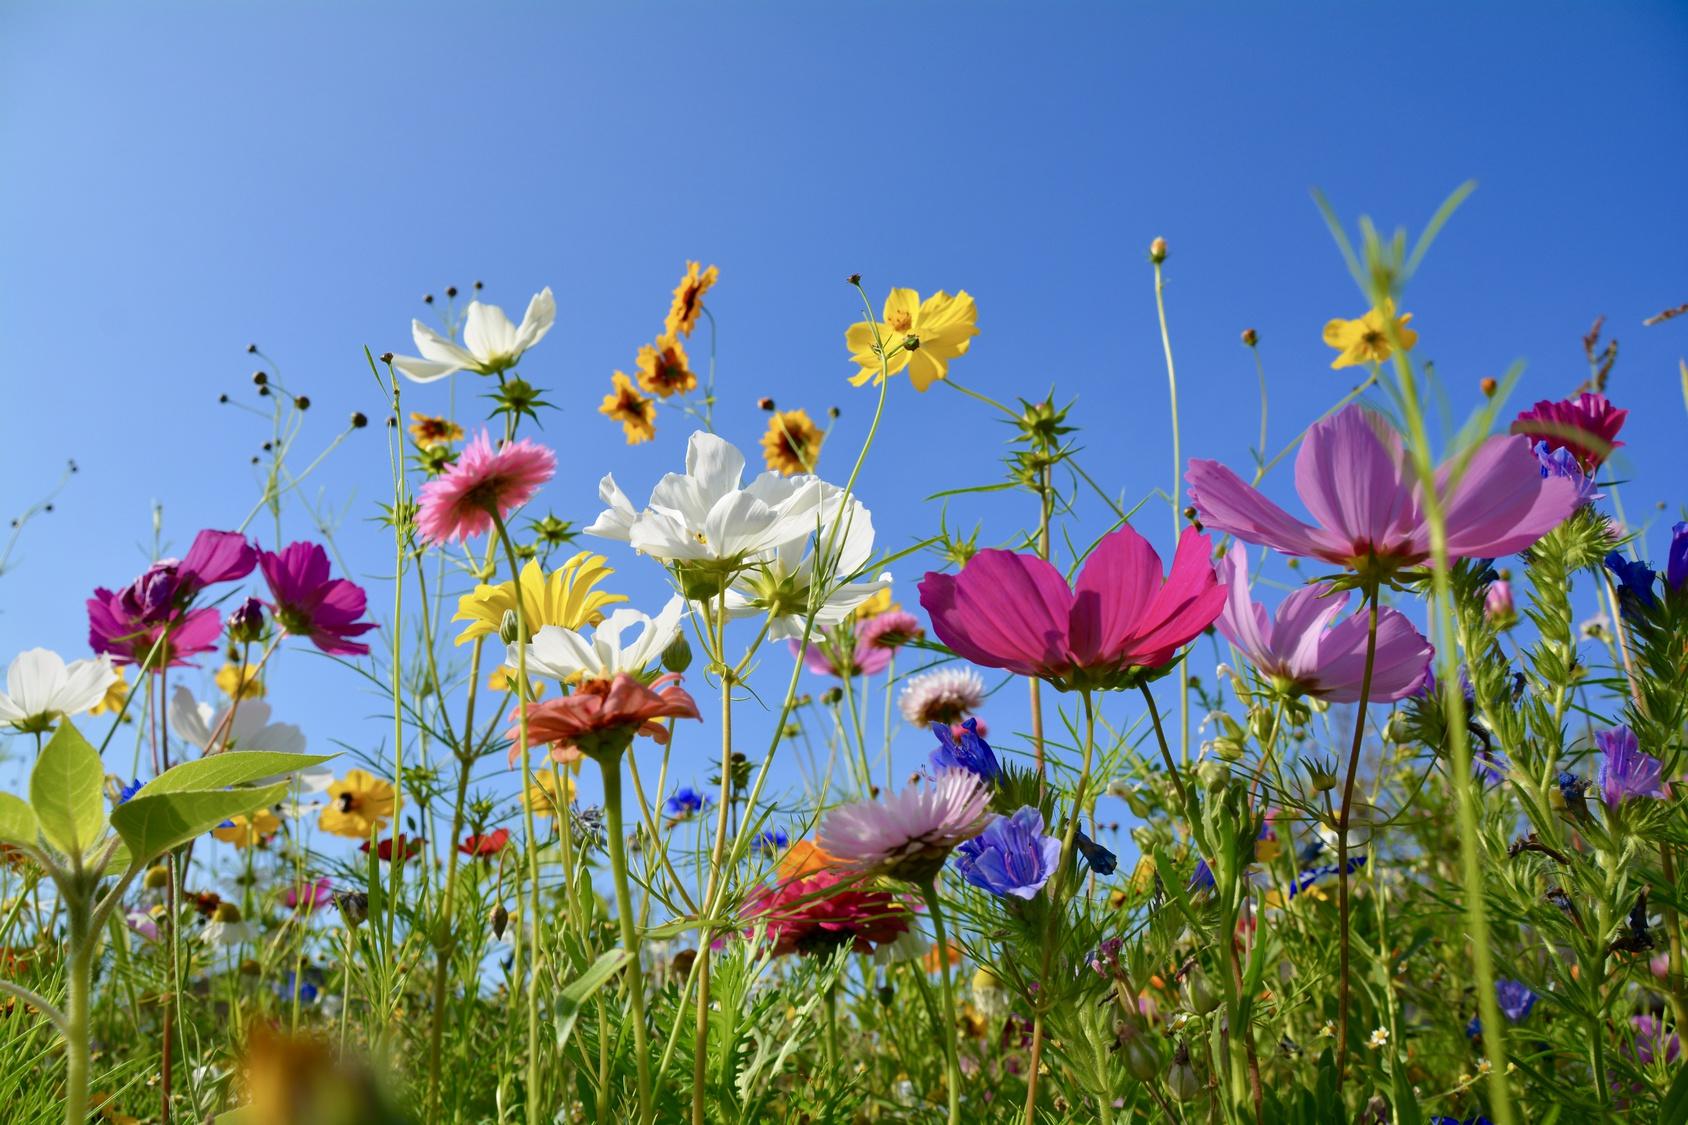 Blumen im Feld, Symbolbild für Kinderdorfmutter